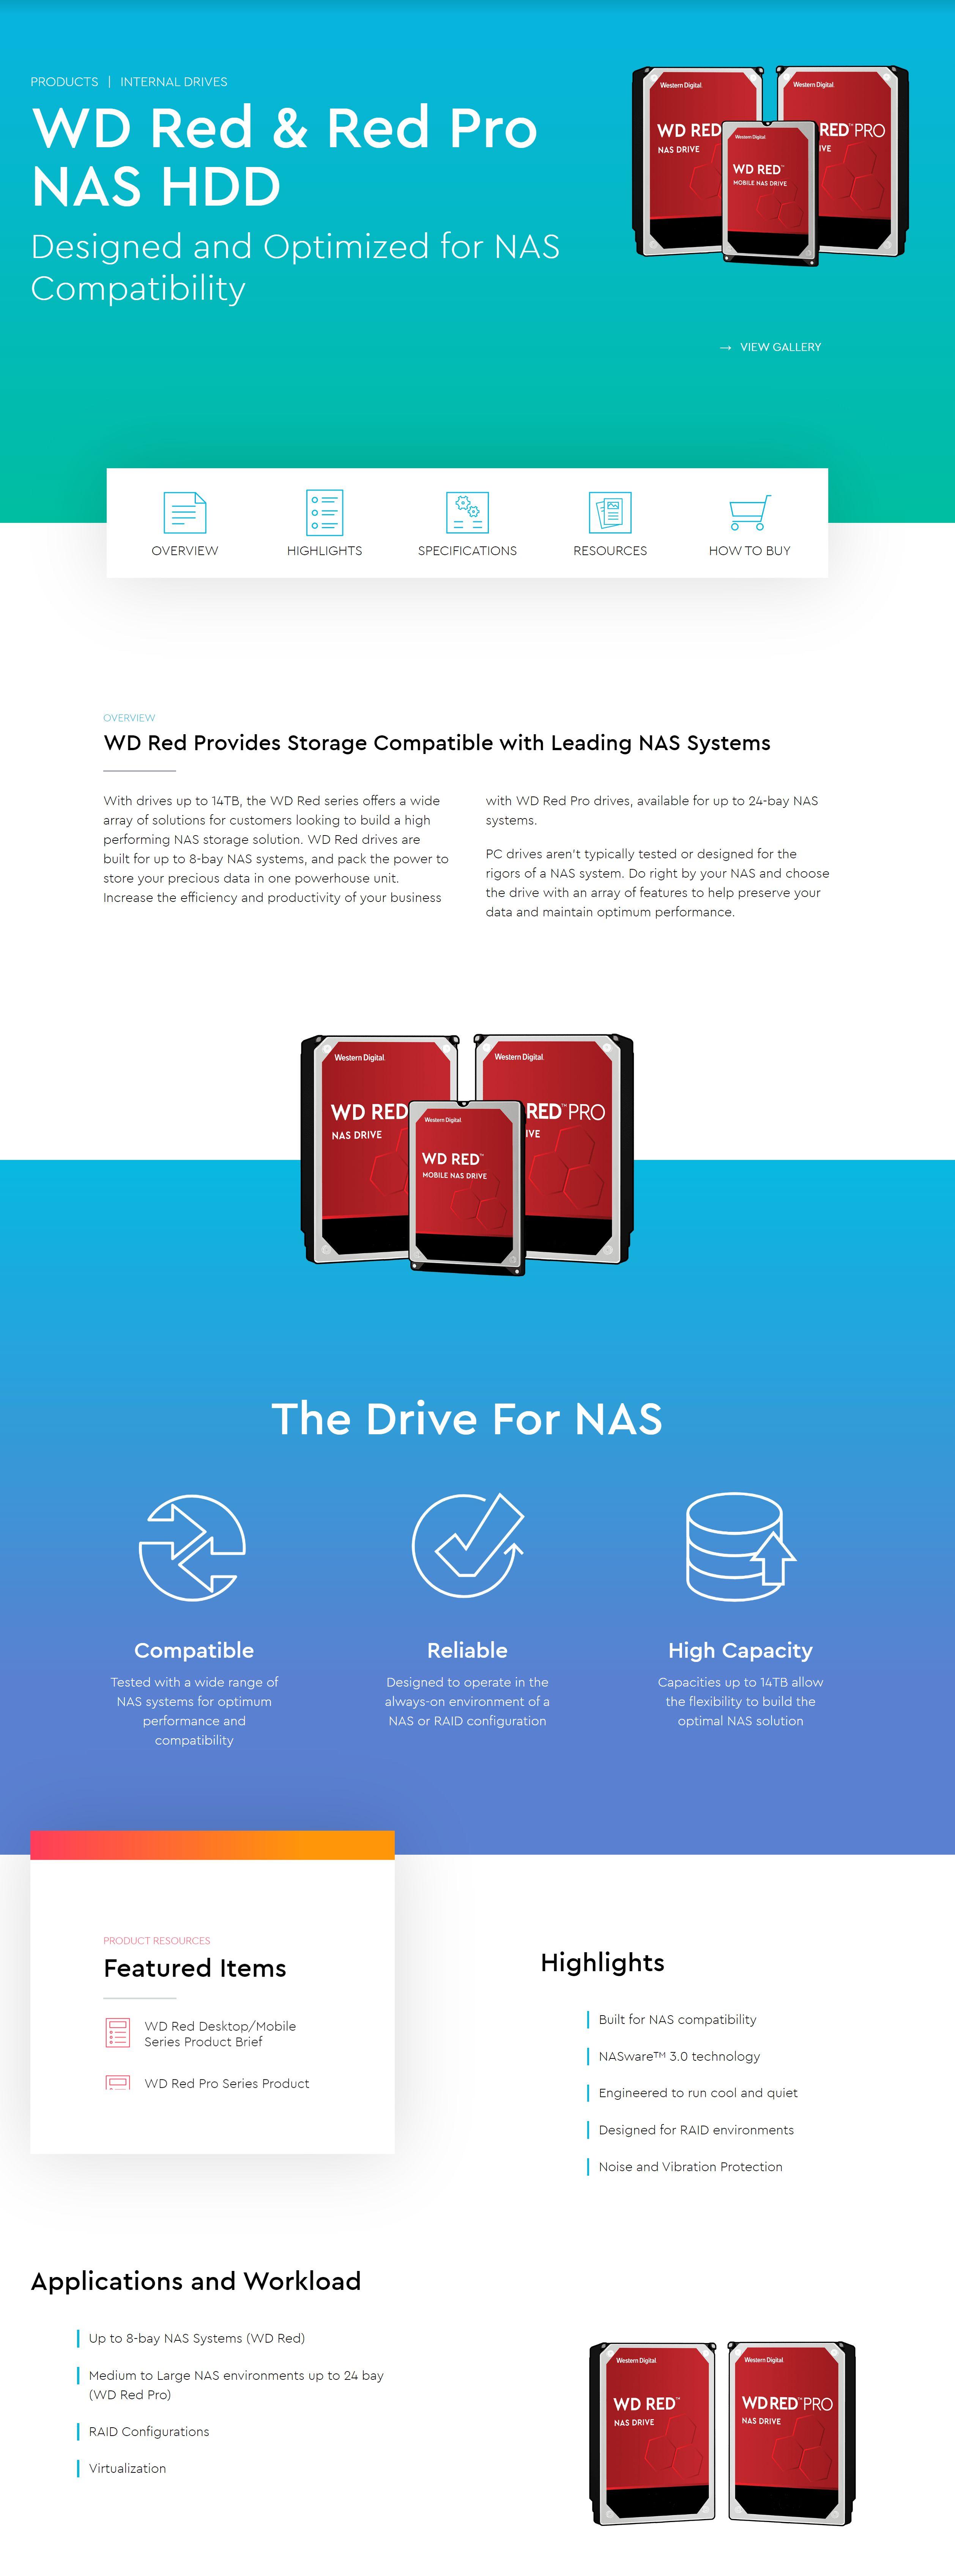 #1748 - 'WD Red & Red Pro NAS HDD I Western Digital' - www_westerndigital_com.jpg